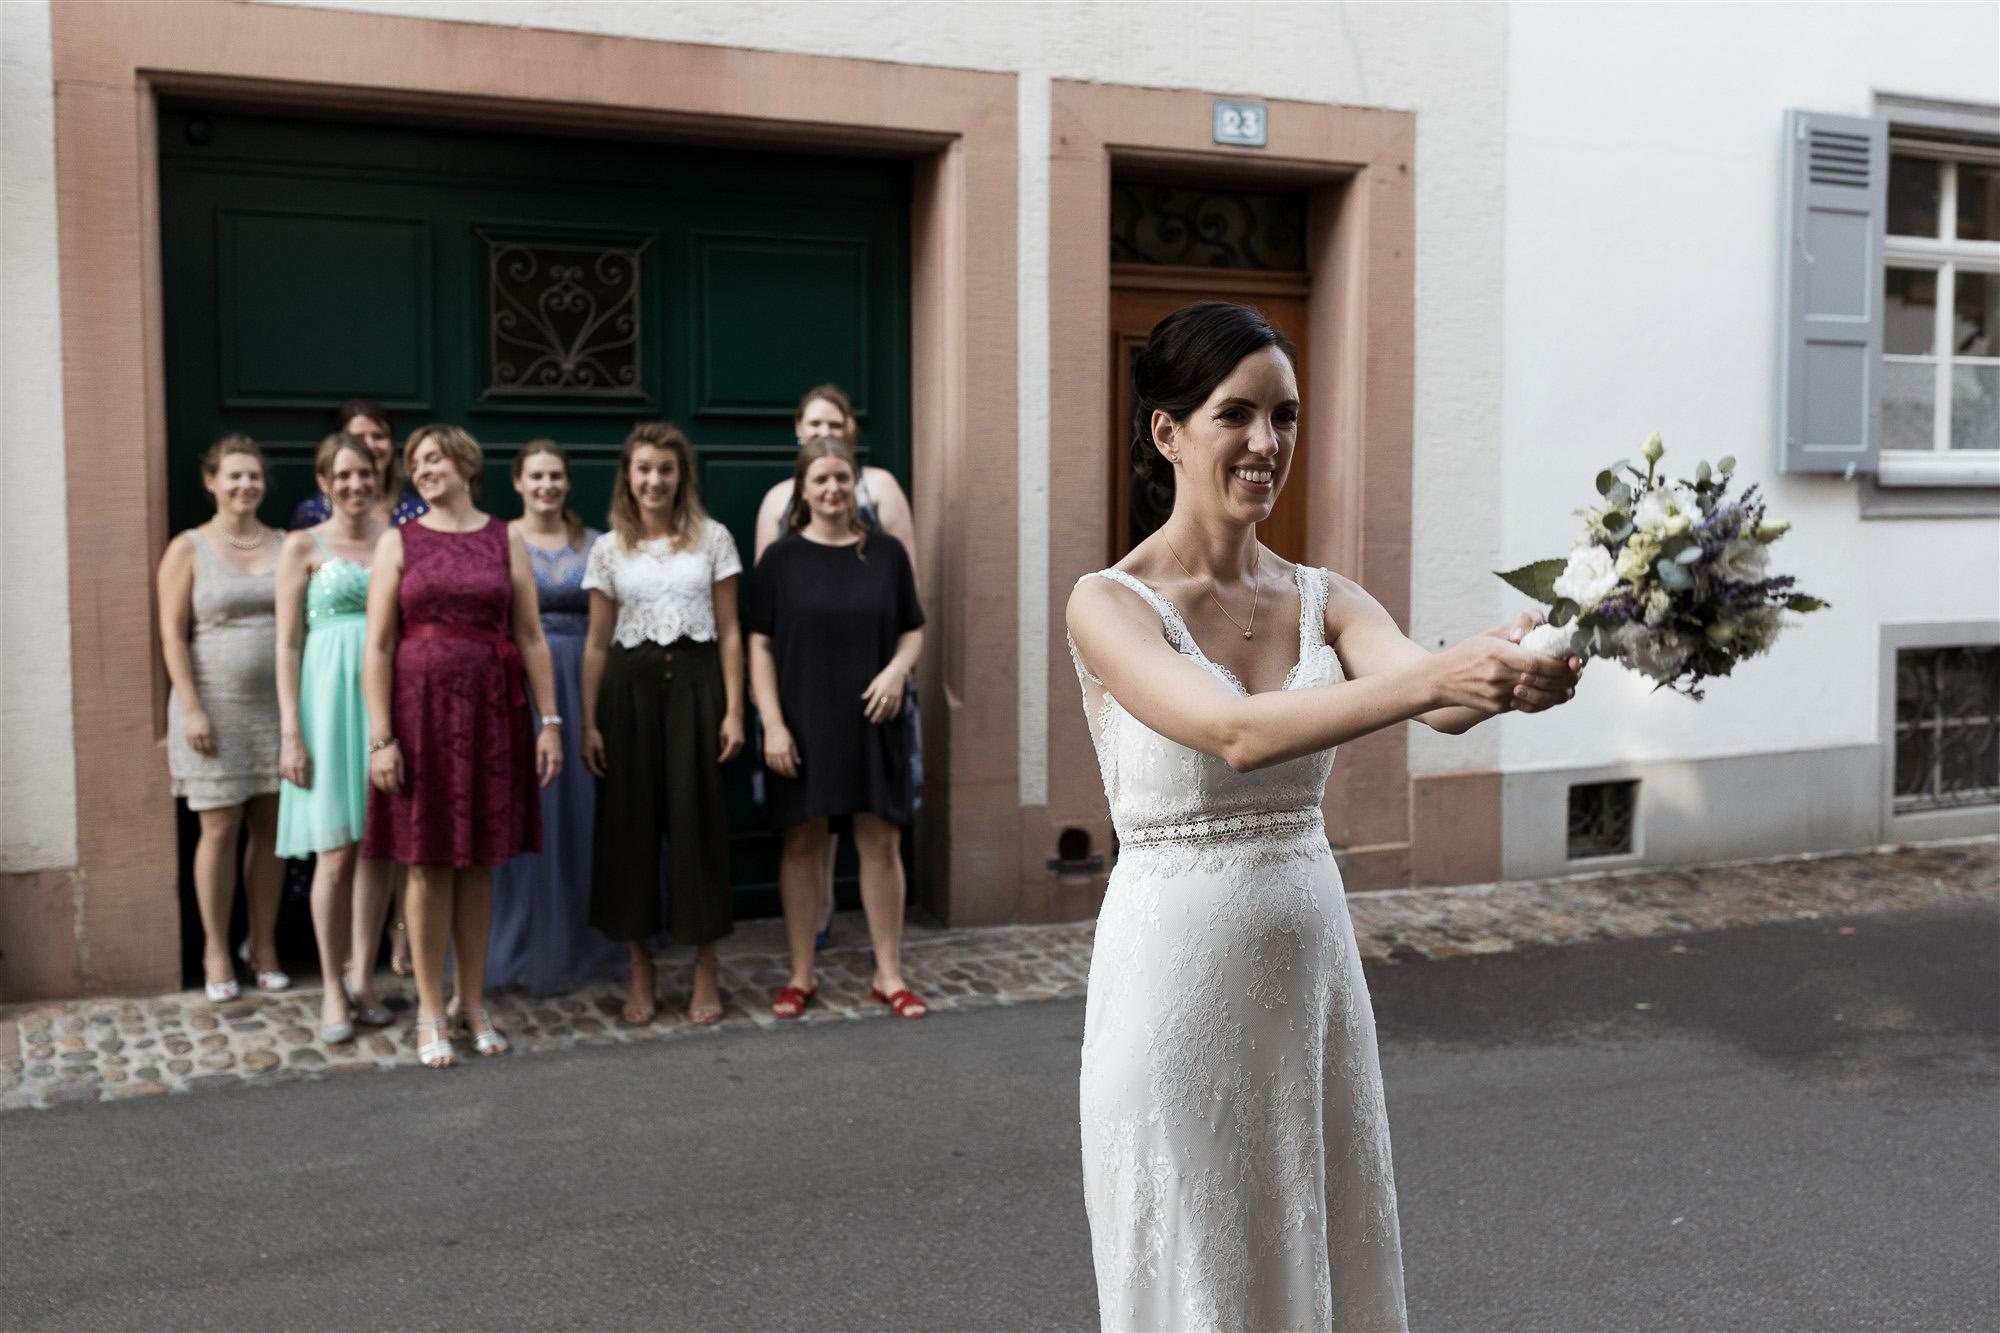 Hochzeit Teufelhof Basel - Brautstrauss werfen - Hochzeitsfotografin Nicole.Gallery aus Basel